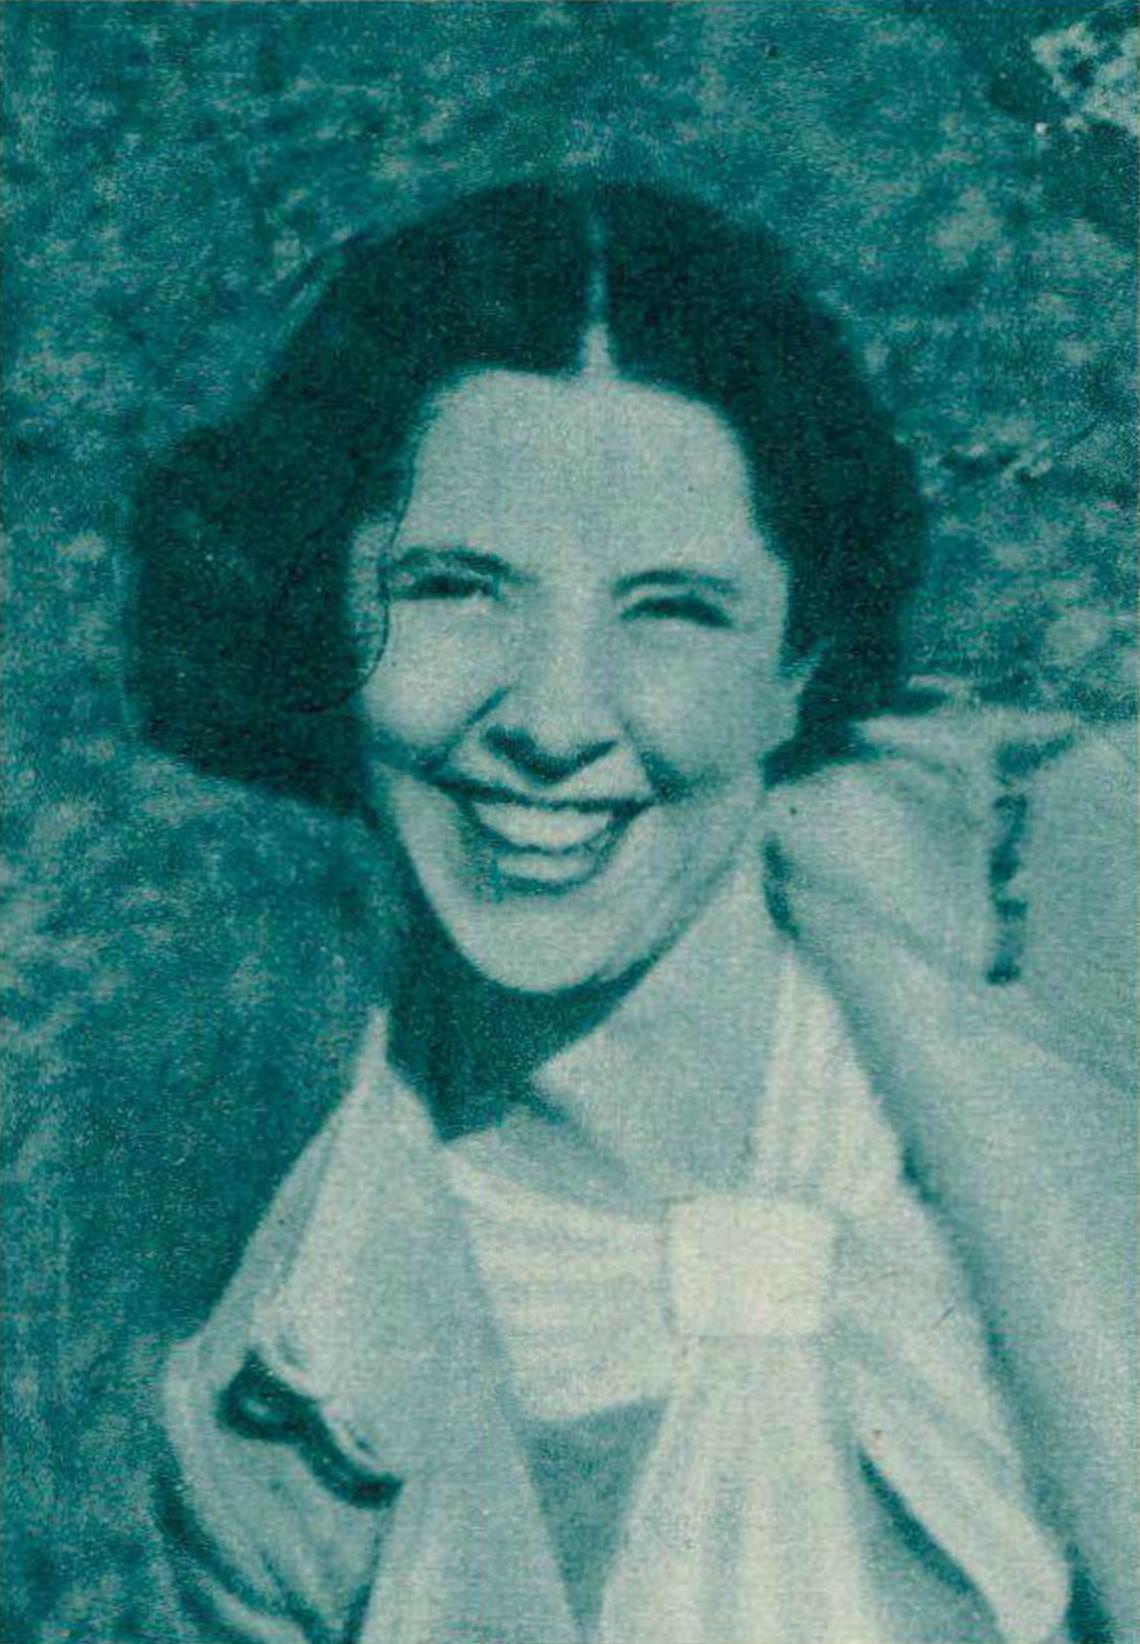 Blanche HONEGGER, portrait publié entre autres dans la revue Le Radio du 4 décembre 1936, No 713, page 3033, cliquer pour une vue agrandie et quelques informations